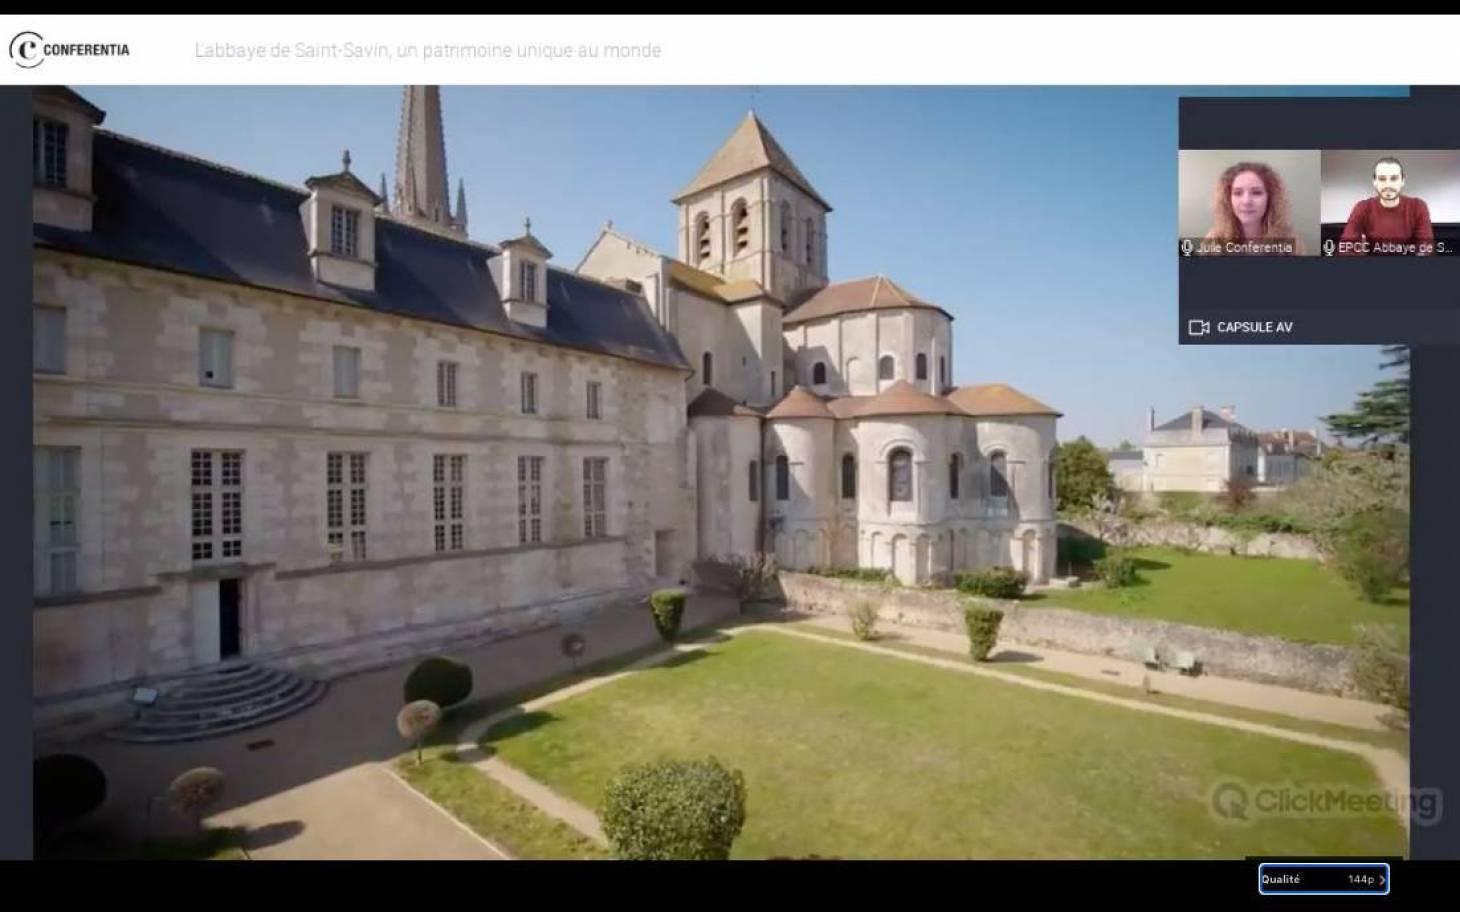 L'abbaye de Saint-Savin s'ouvre au digital